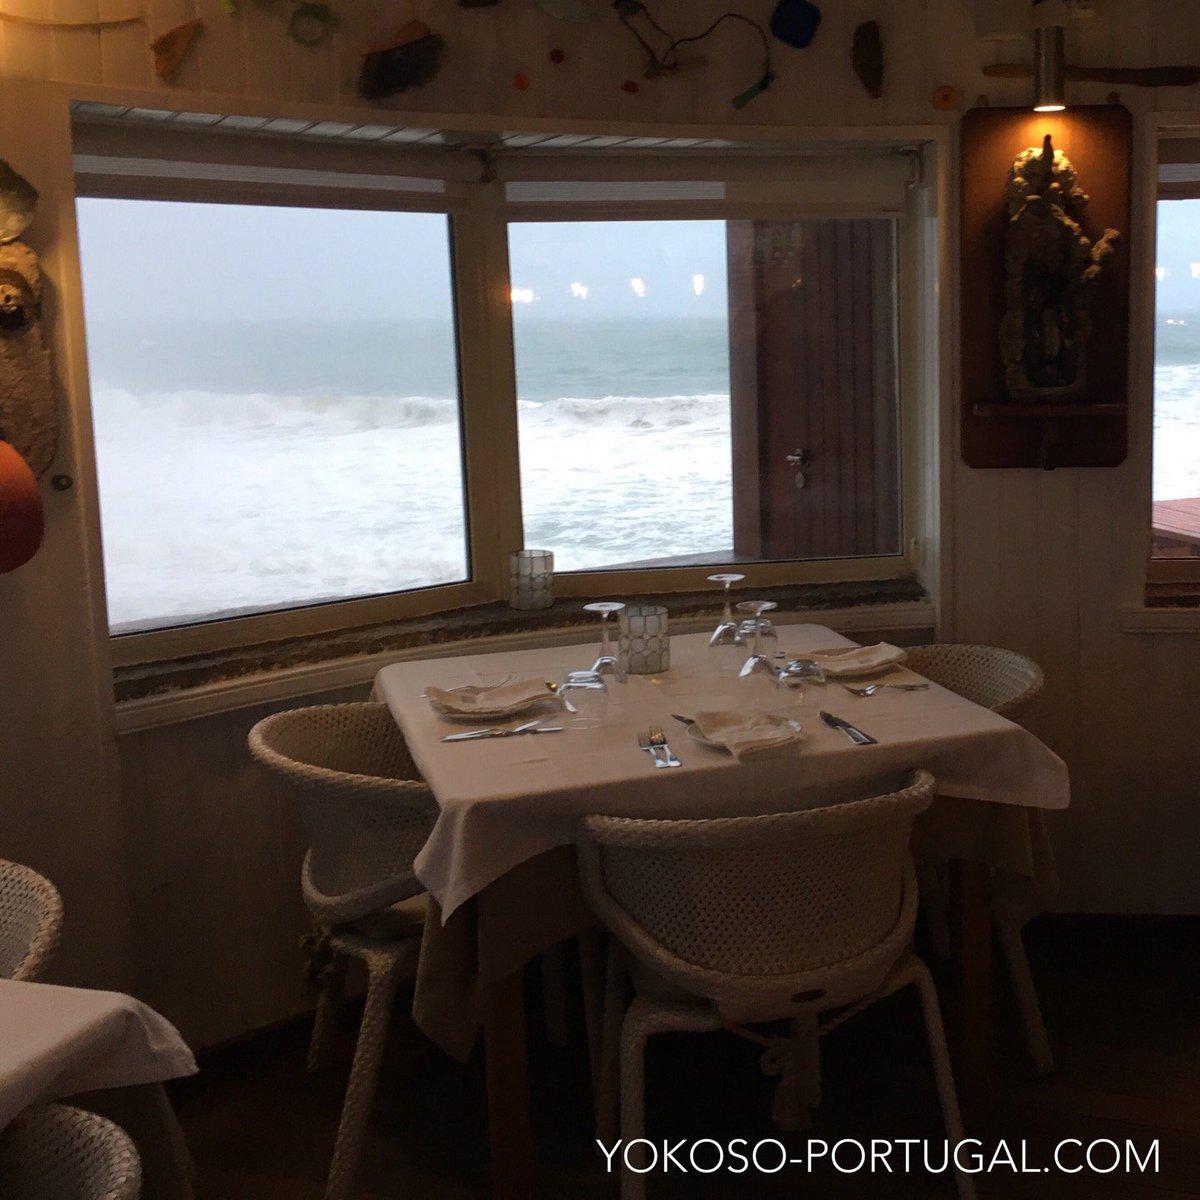 test ツイッターメディア - シントラとロカ岬の間にある、高級シーフードレストラン。美味しい料理とともに大西洋が一望できます。 https://t.co/6HGWWruqOl https://t.co/urDR21niFQ